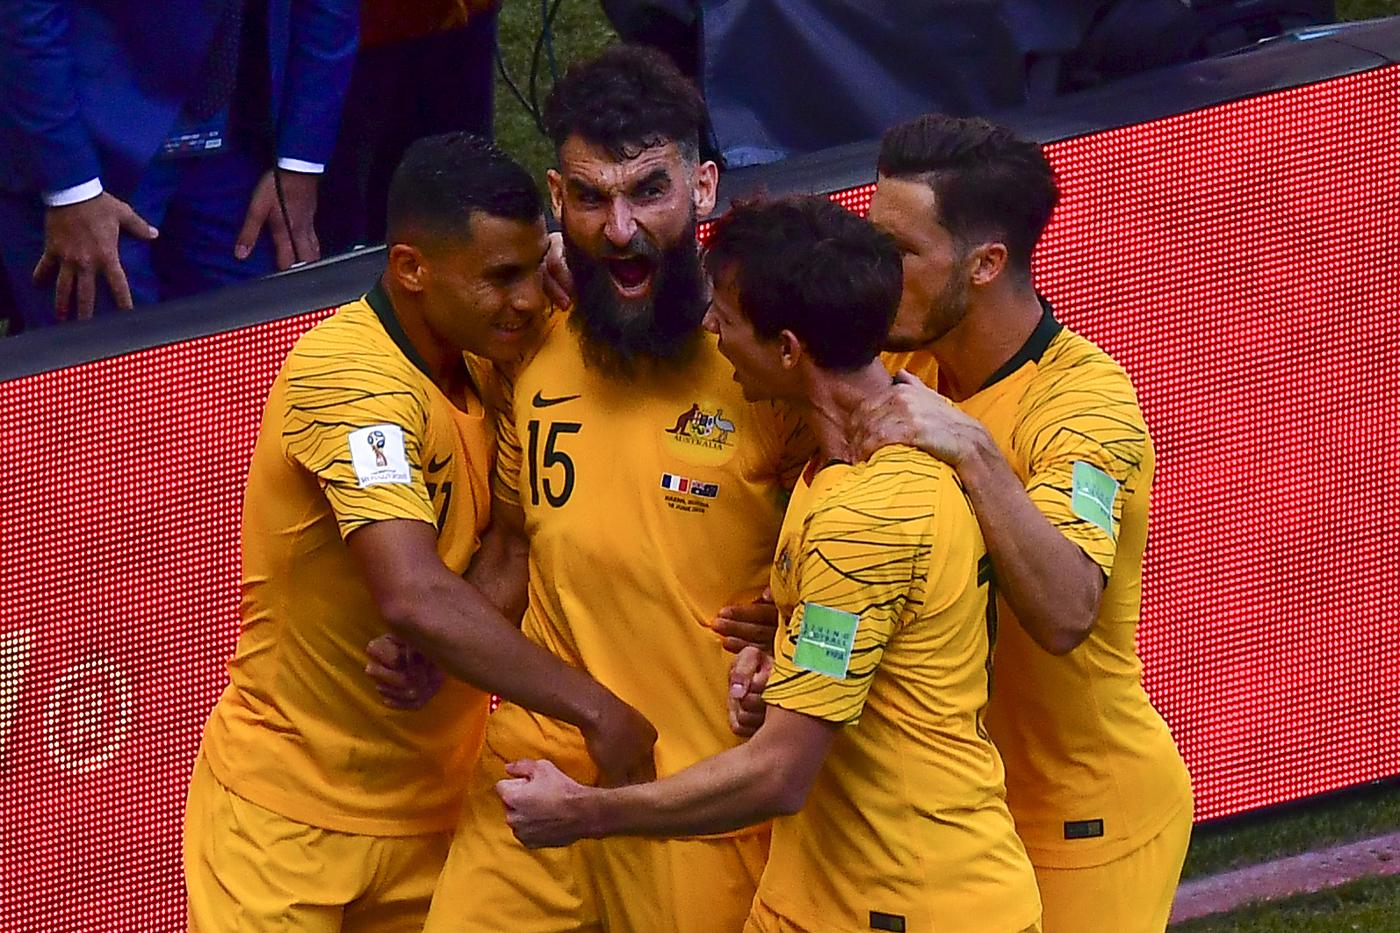 Australia-Perù 26 giugno, analisi e pronostico Mondiali Russia 2018 girone C